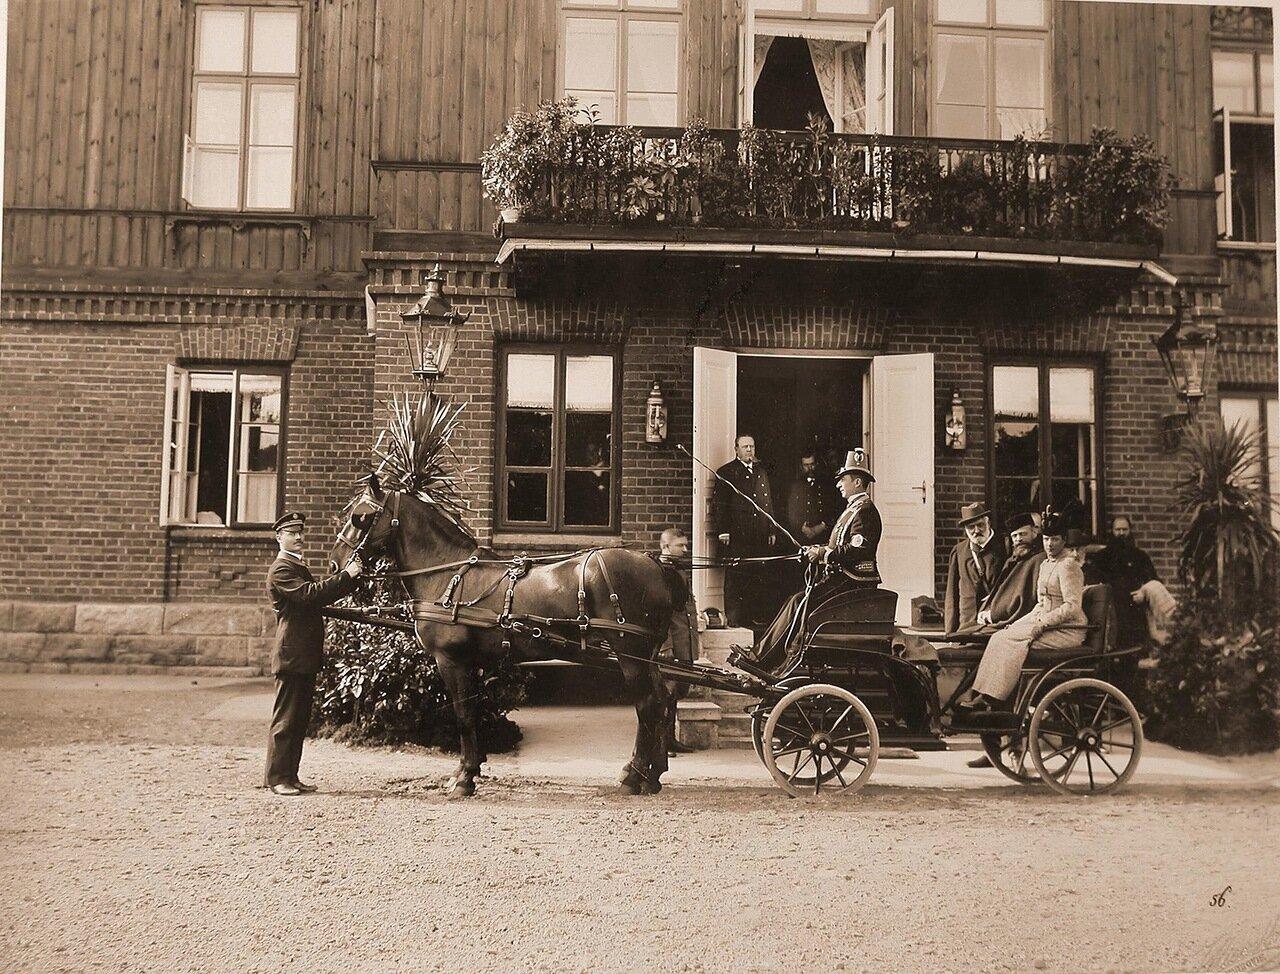 42. Император Александр III и императрица Мария Федоровна в экипаже перед входом в охотничий дом. 1892